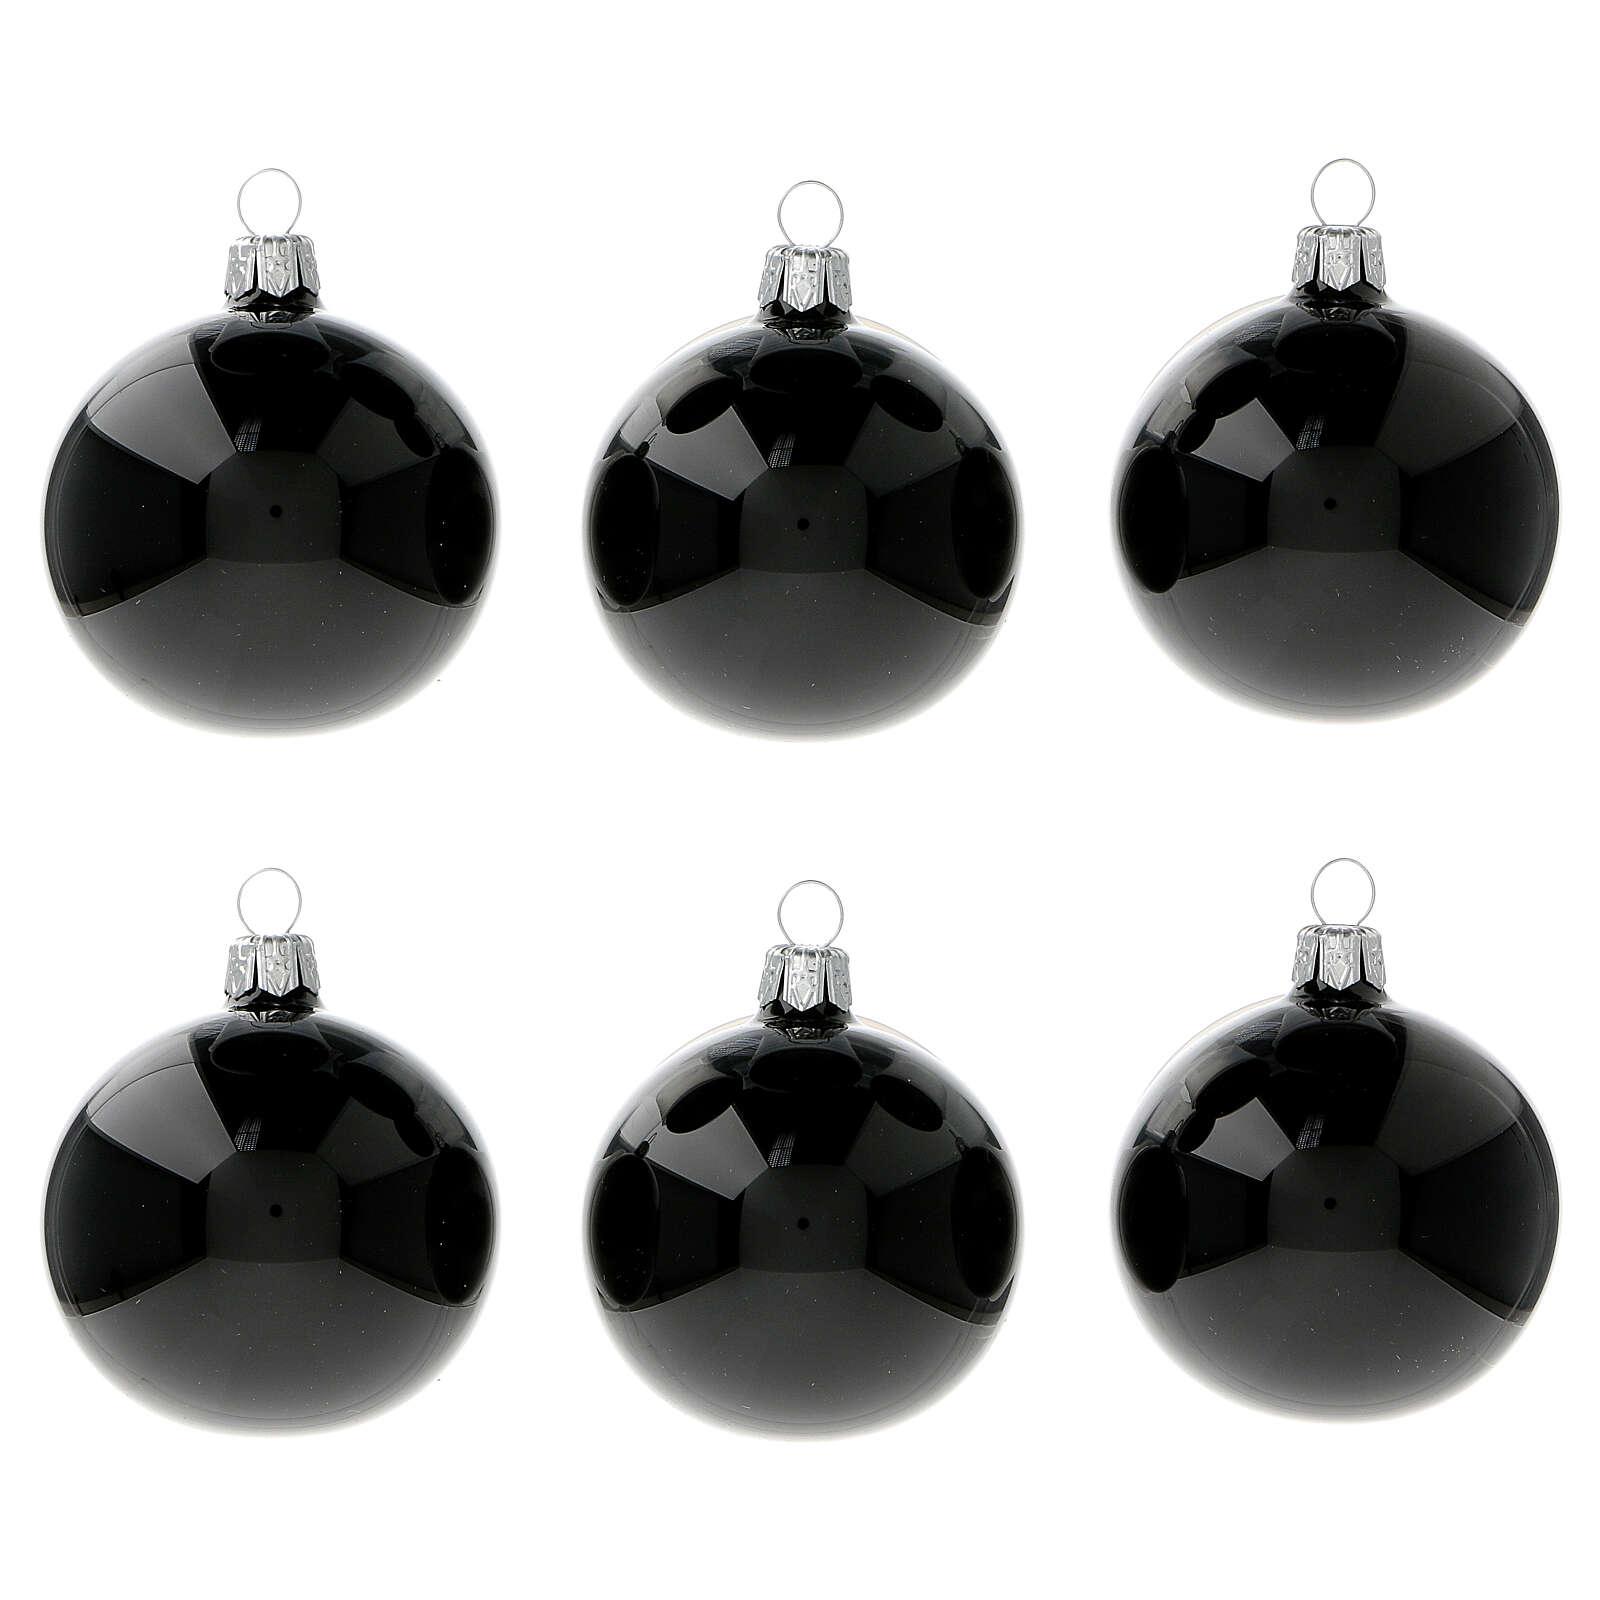 Bolas árvore de Natal vidro soprado preto brilhante 60 mm 6 unidades 4